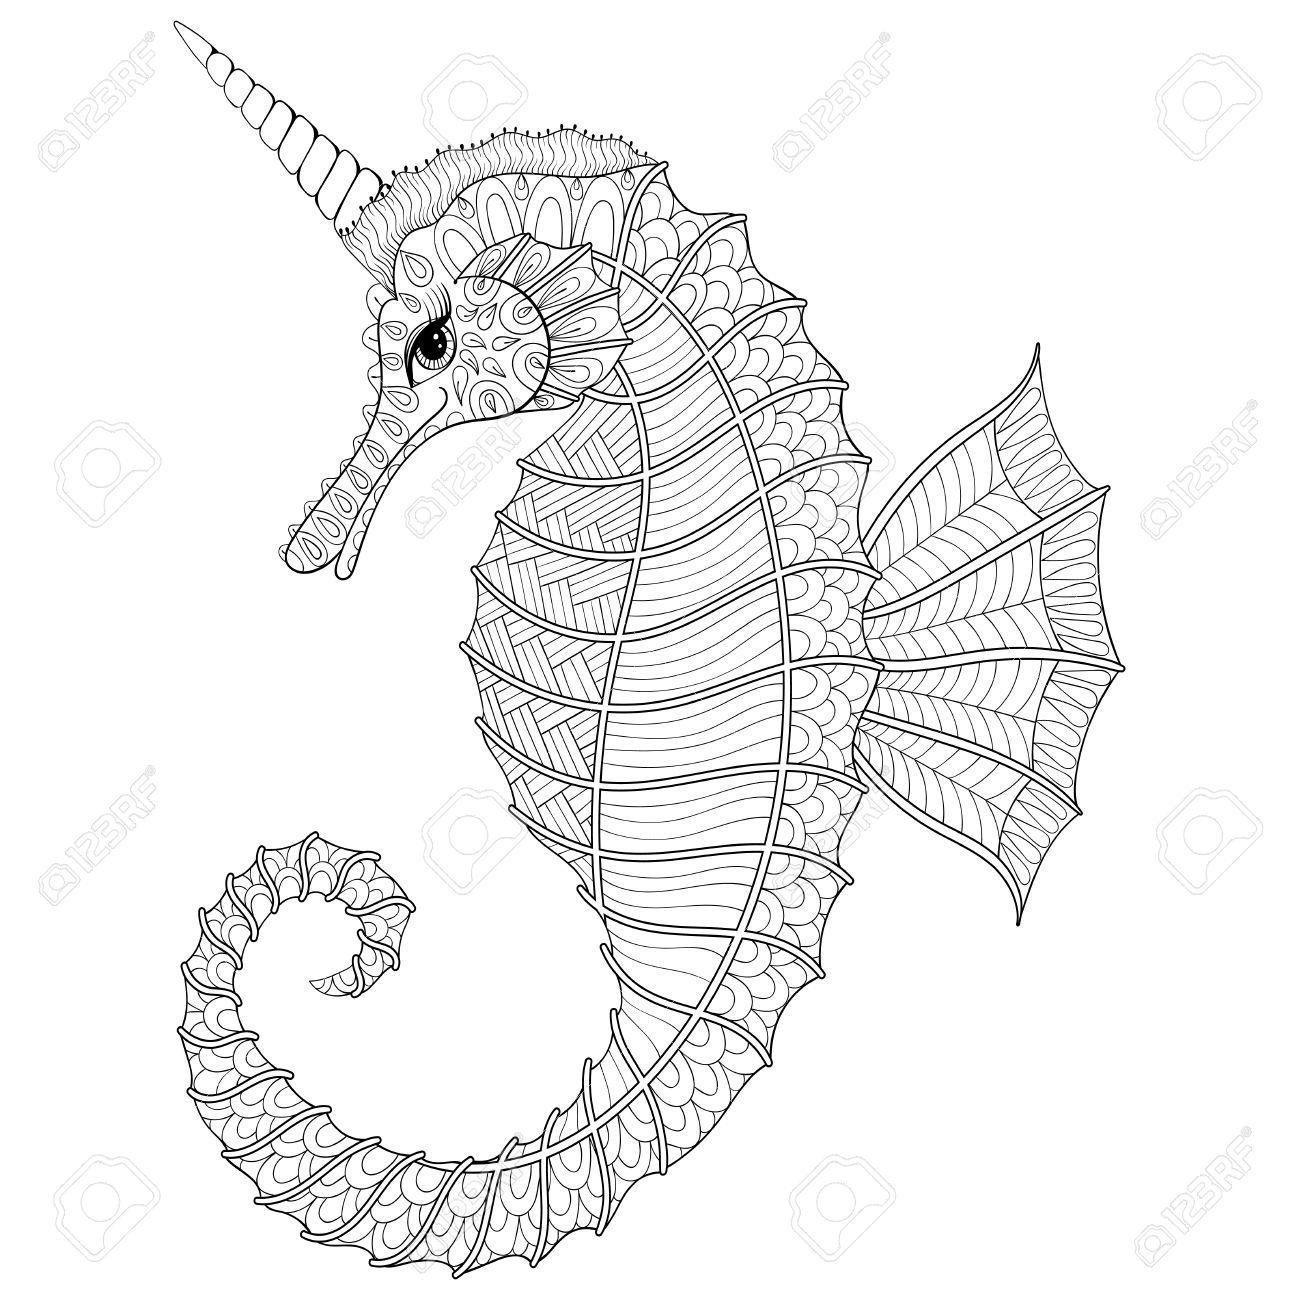 Stilisierte Schwarze Seepferd Wie Unicorn.illustration Für ...